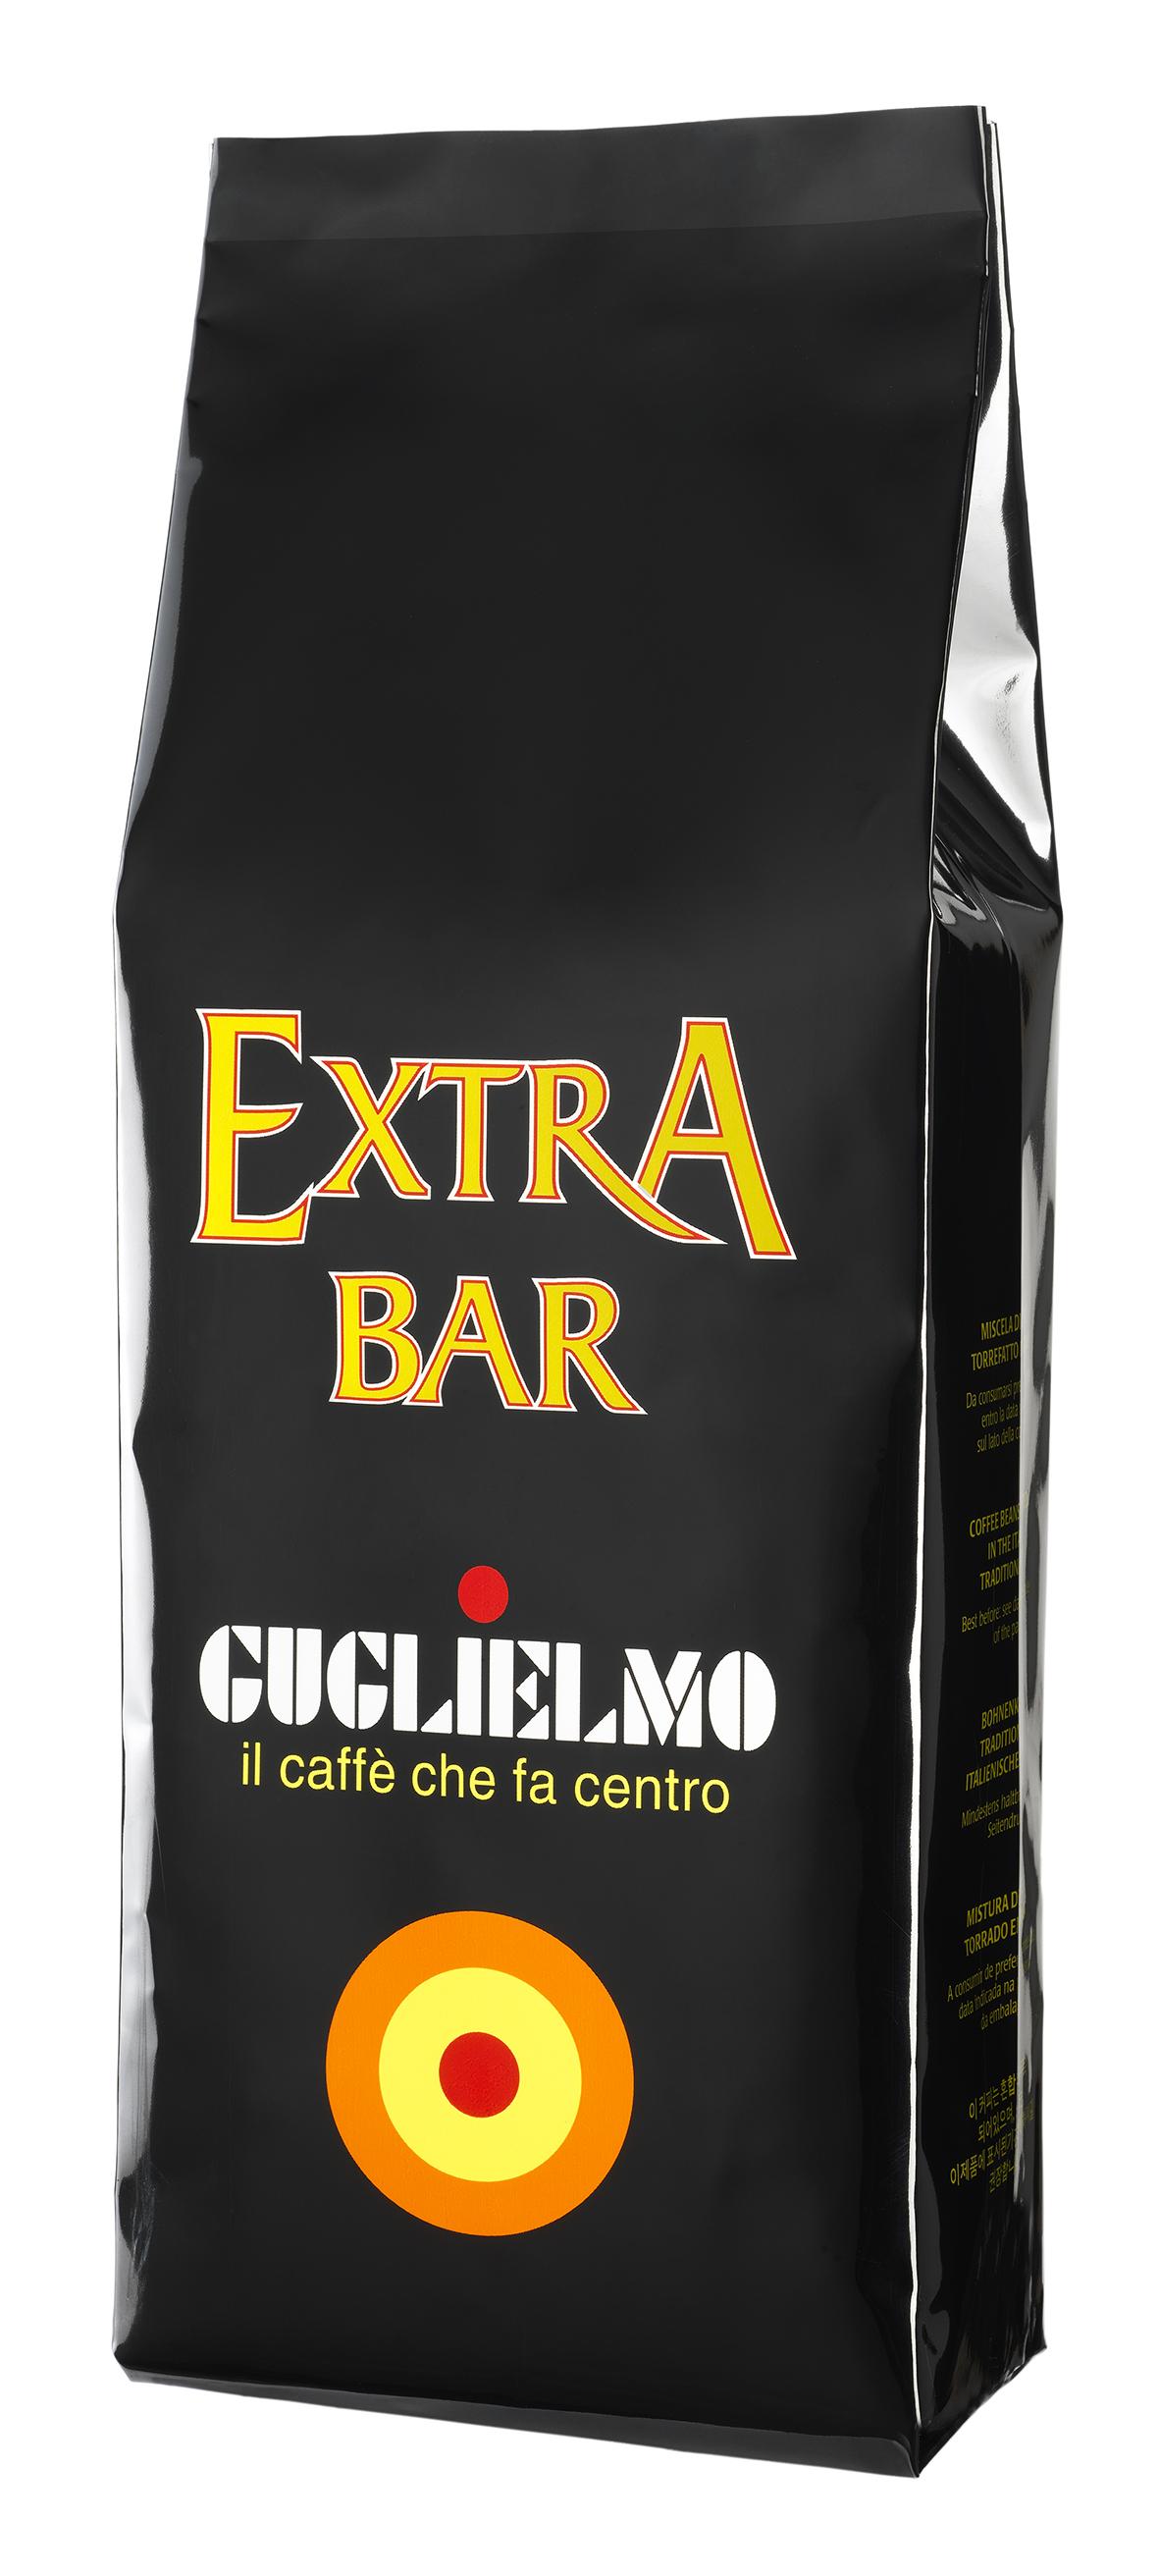 """Caffe """"Extra Bar"""", 1 kg Packung Guglielmo"""